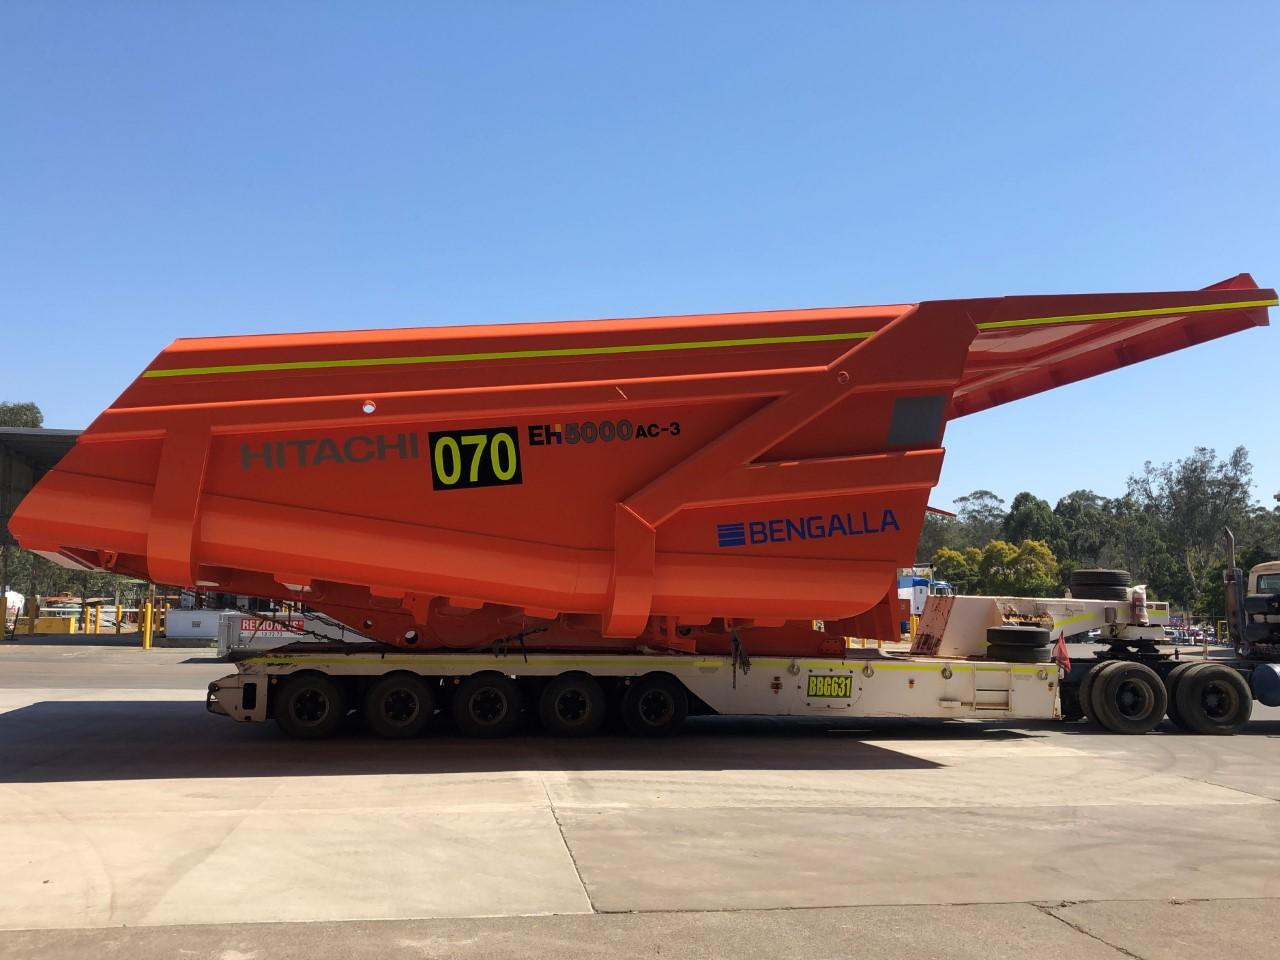 ブラッドケン社が製造したリジッドダンプトラックの荷台